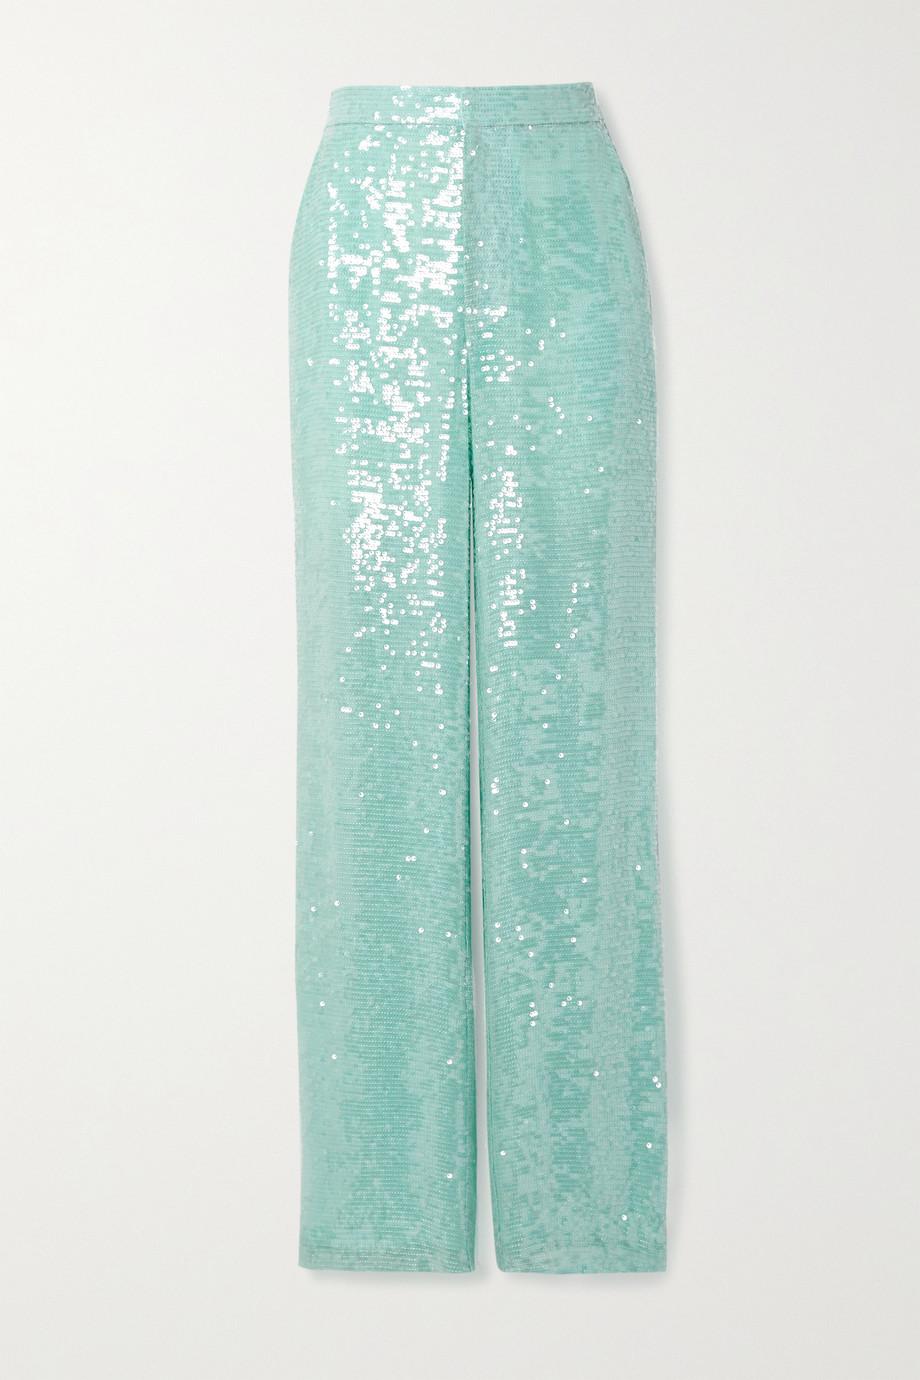 LAPOINTE Hose mit geradem Bein aus Organza mit Pailletten